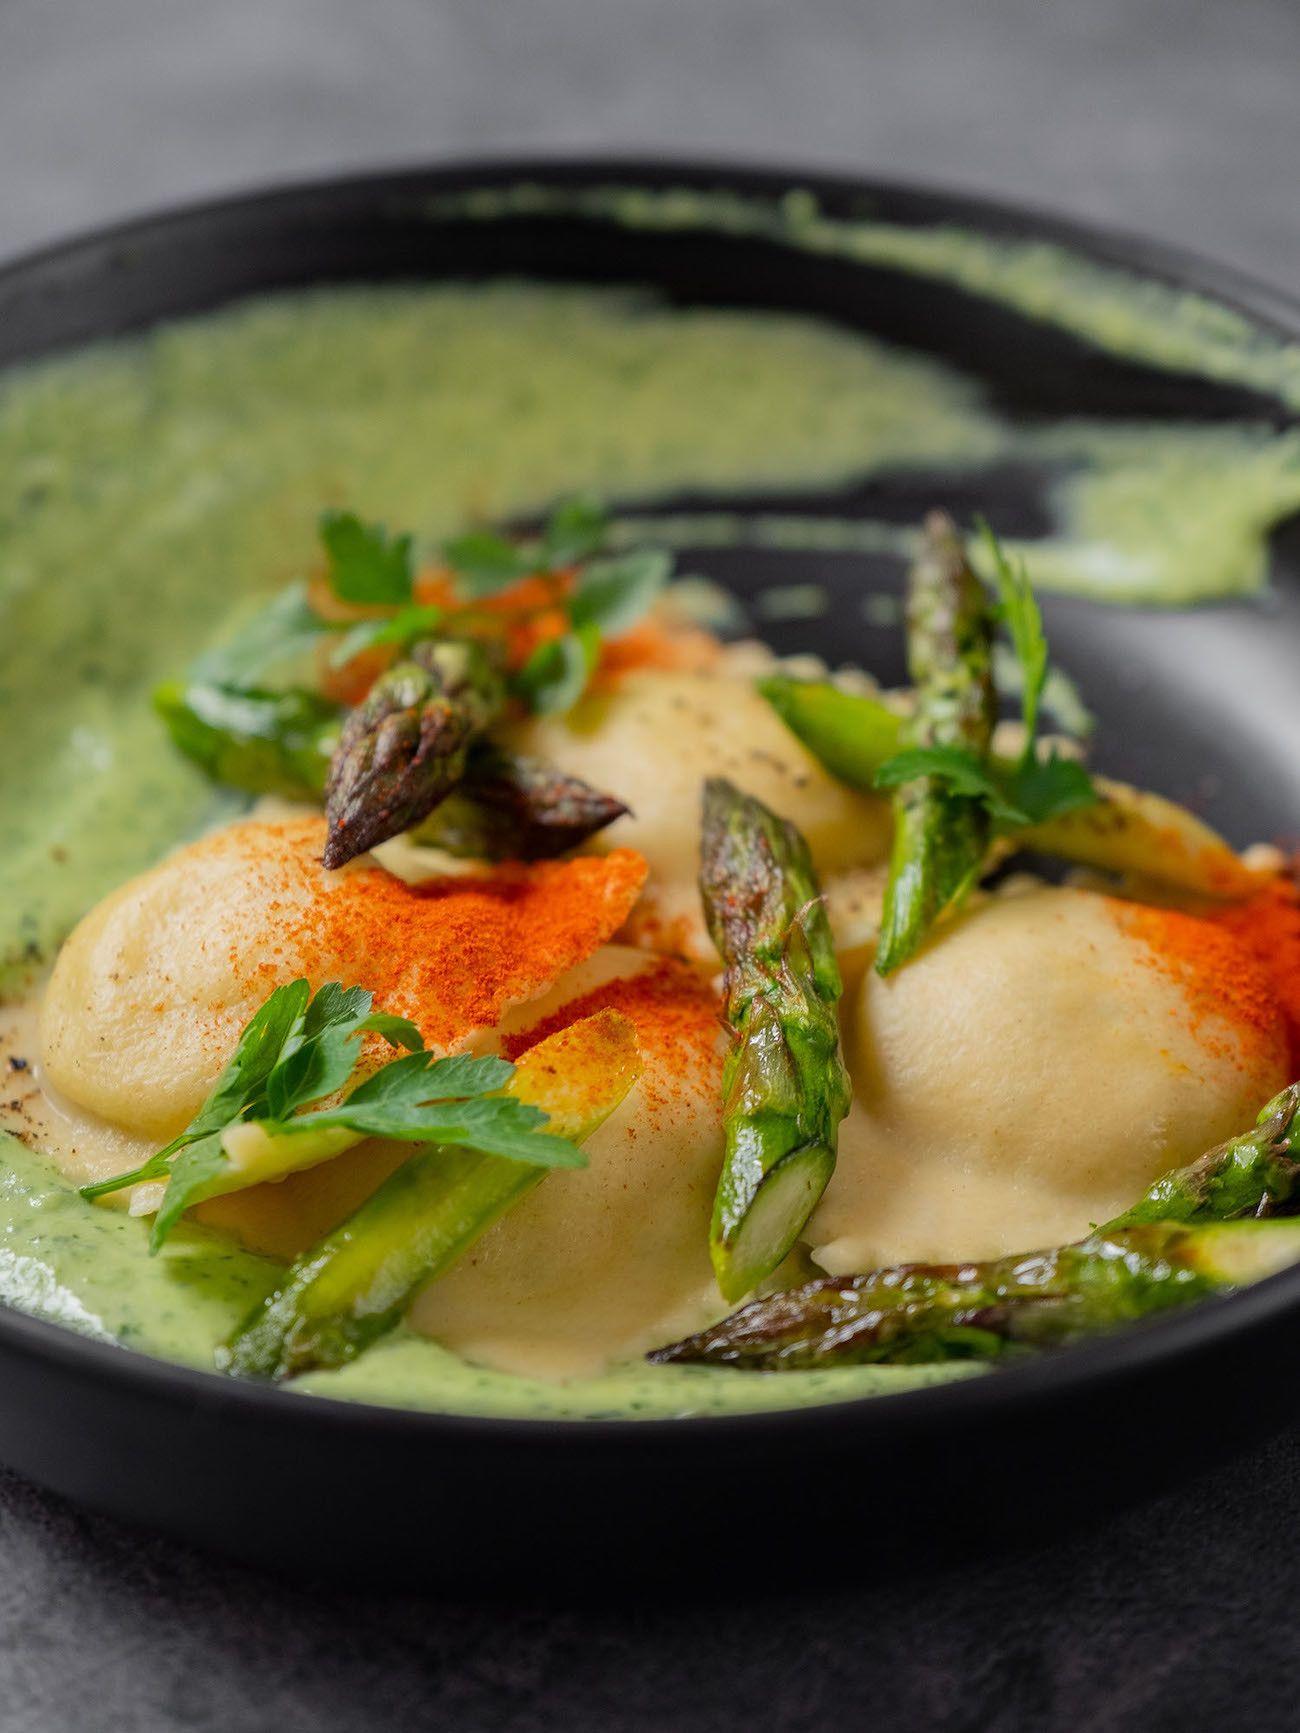 Foodblog, About Fuel, Rezept, Lachsravioli auf Spargel-Kräuter-Mayonnaise und Spargelspitzen, Pasta, Paprikapulver